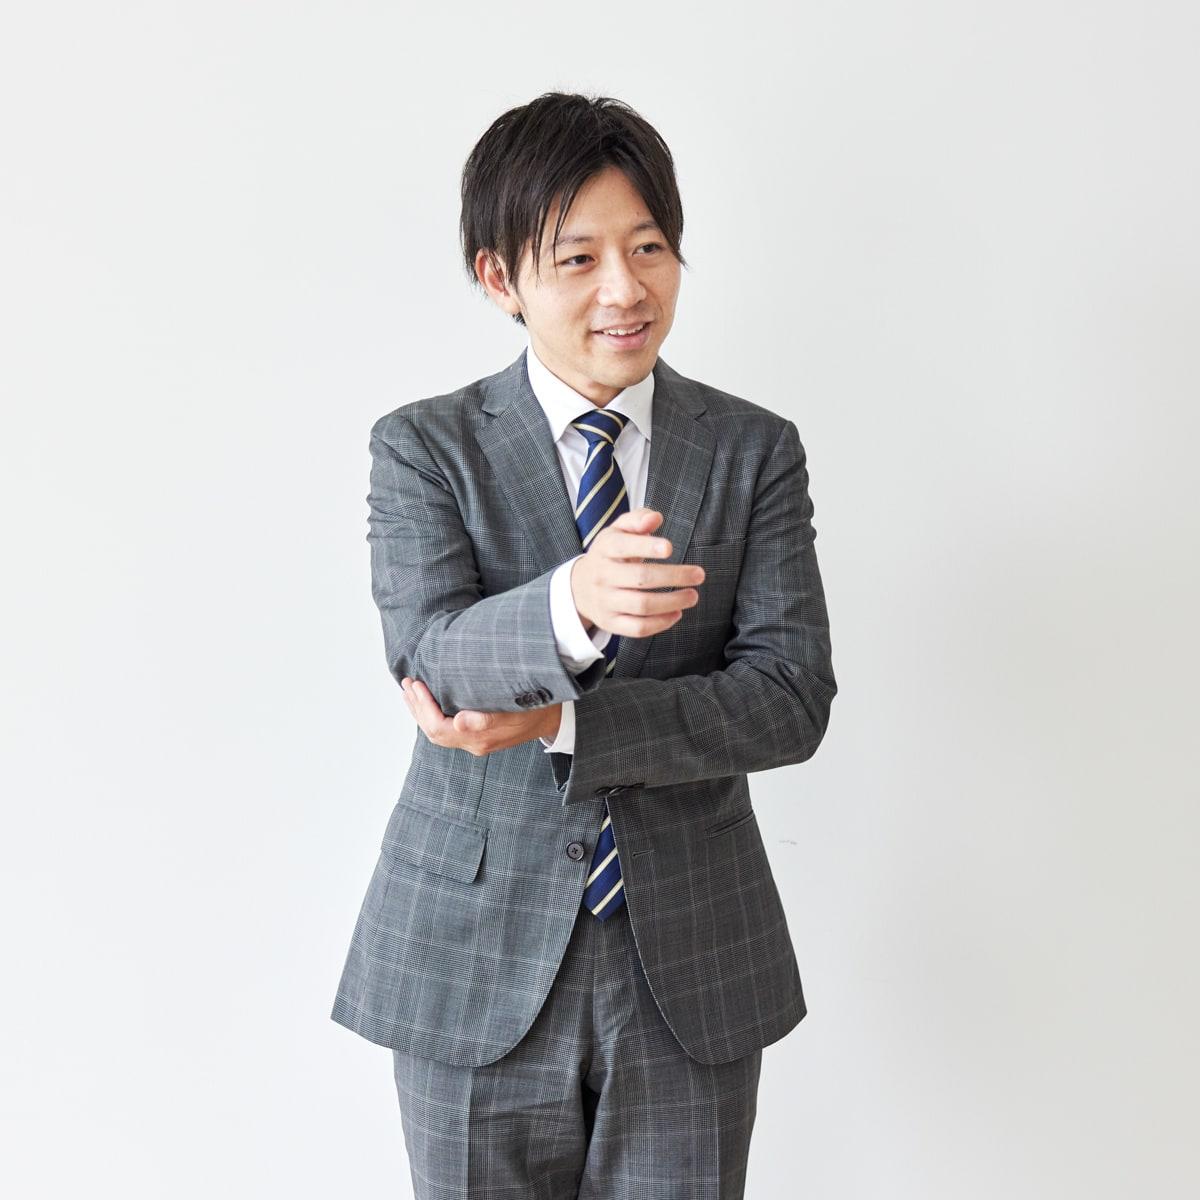 Daishi Nakamura